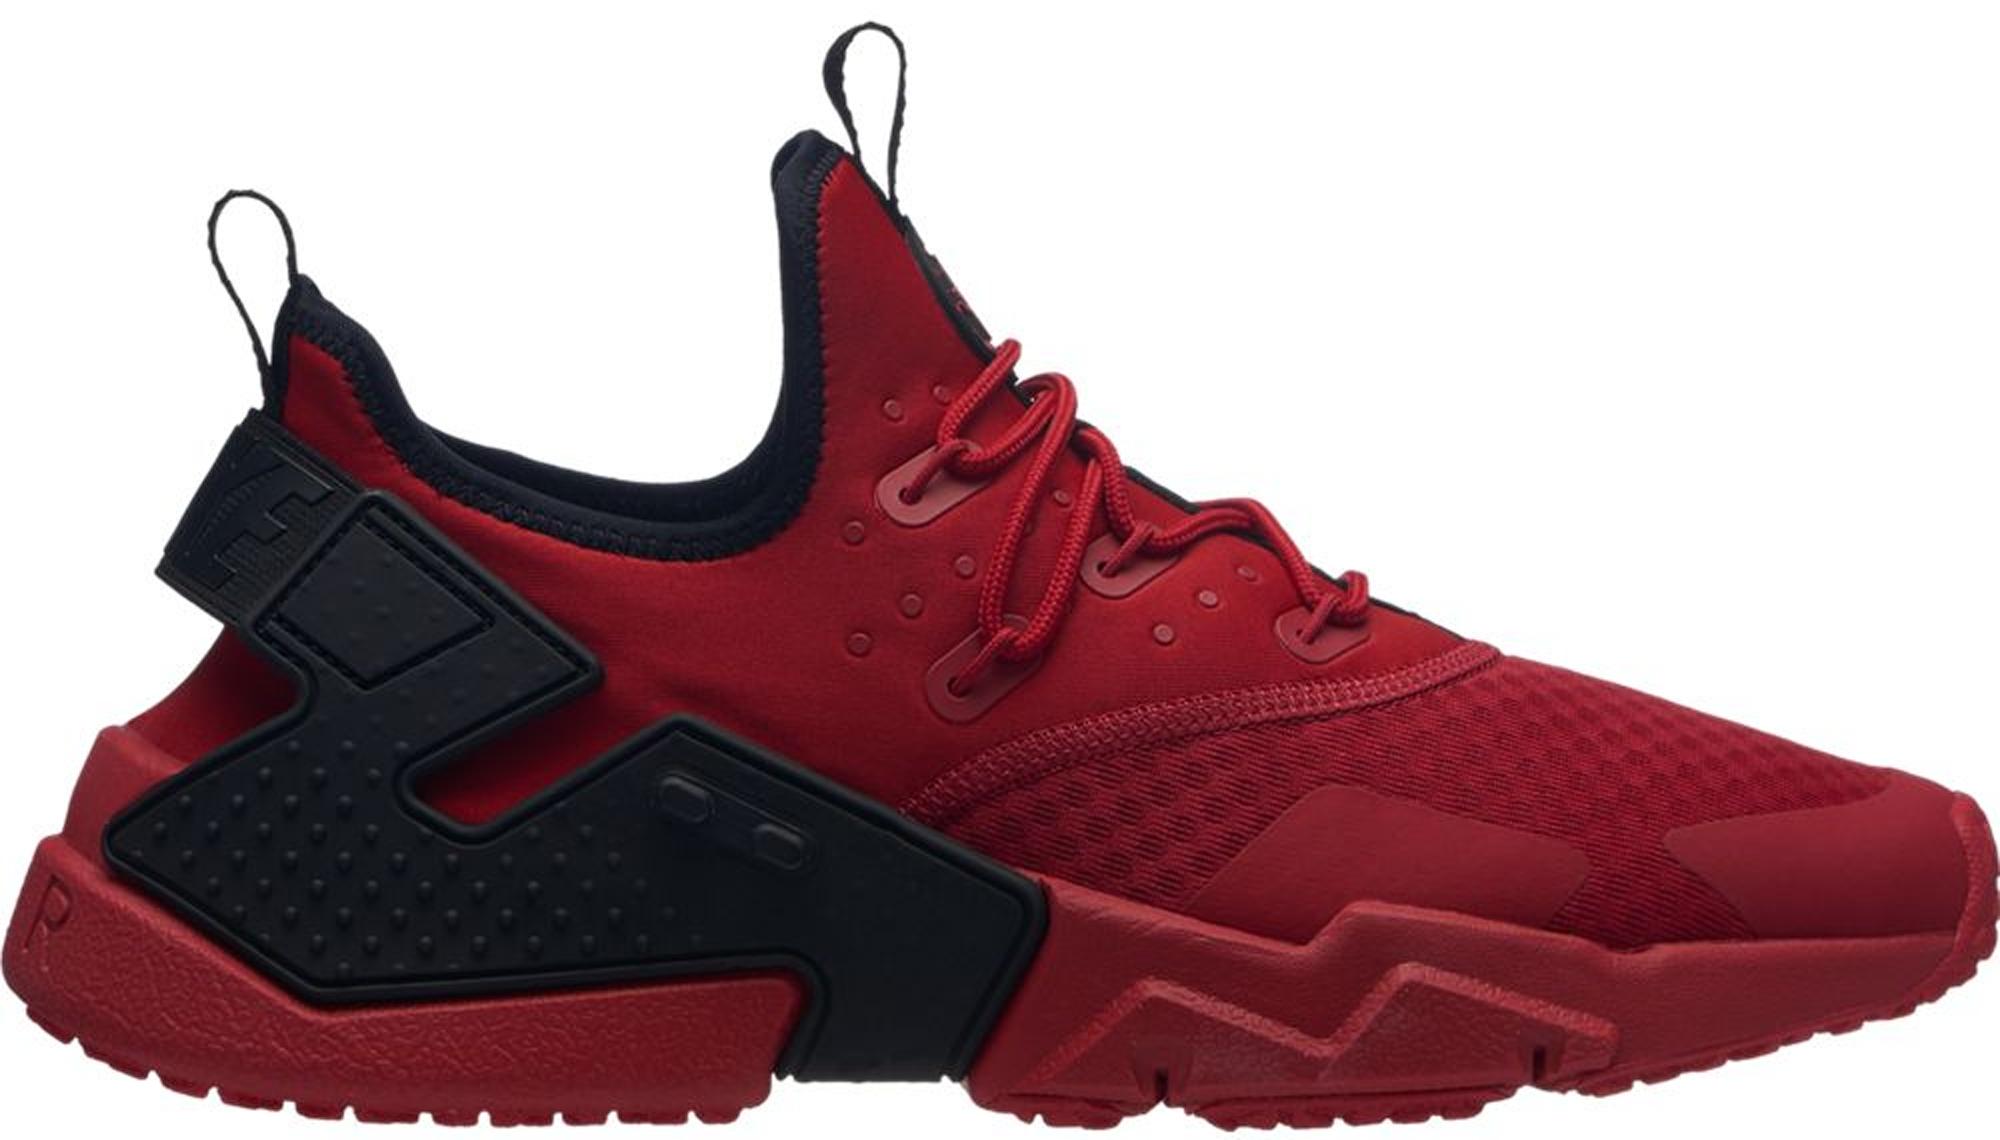 Nike Air Huarache Drift Gym Red Black